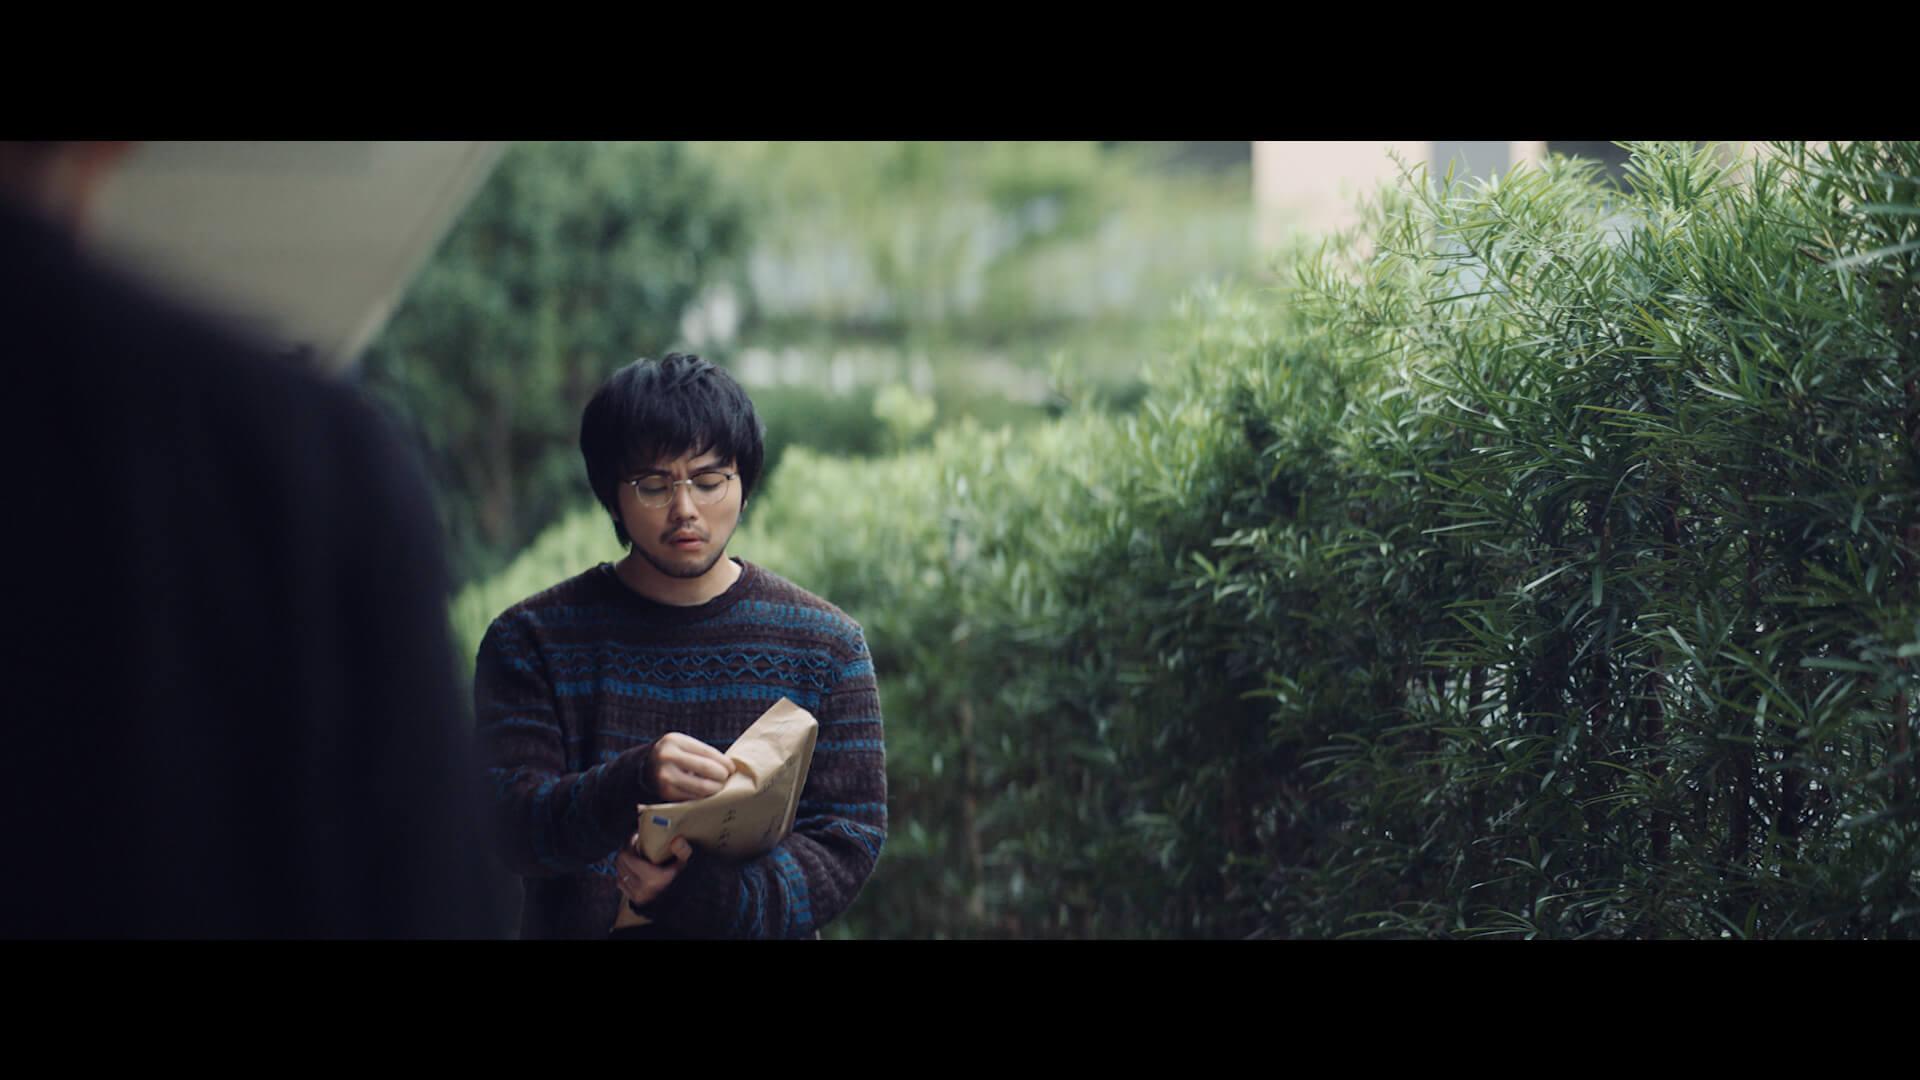 King Gnuボーカルの井口理が初主演!野村不動産「プラウド」ブランドムービーに『僕は、父が苦手だった。』出演 art201015_kinggnu_iguchi_7